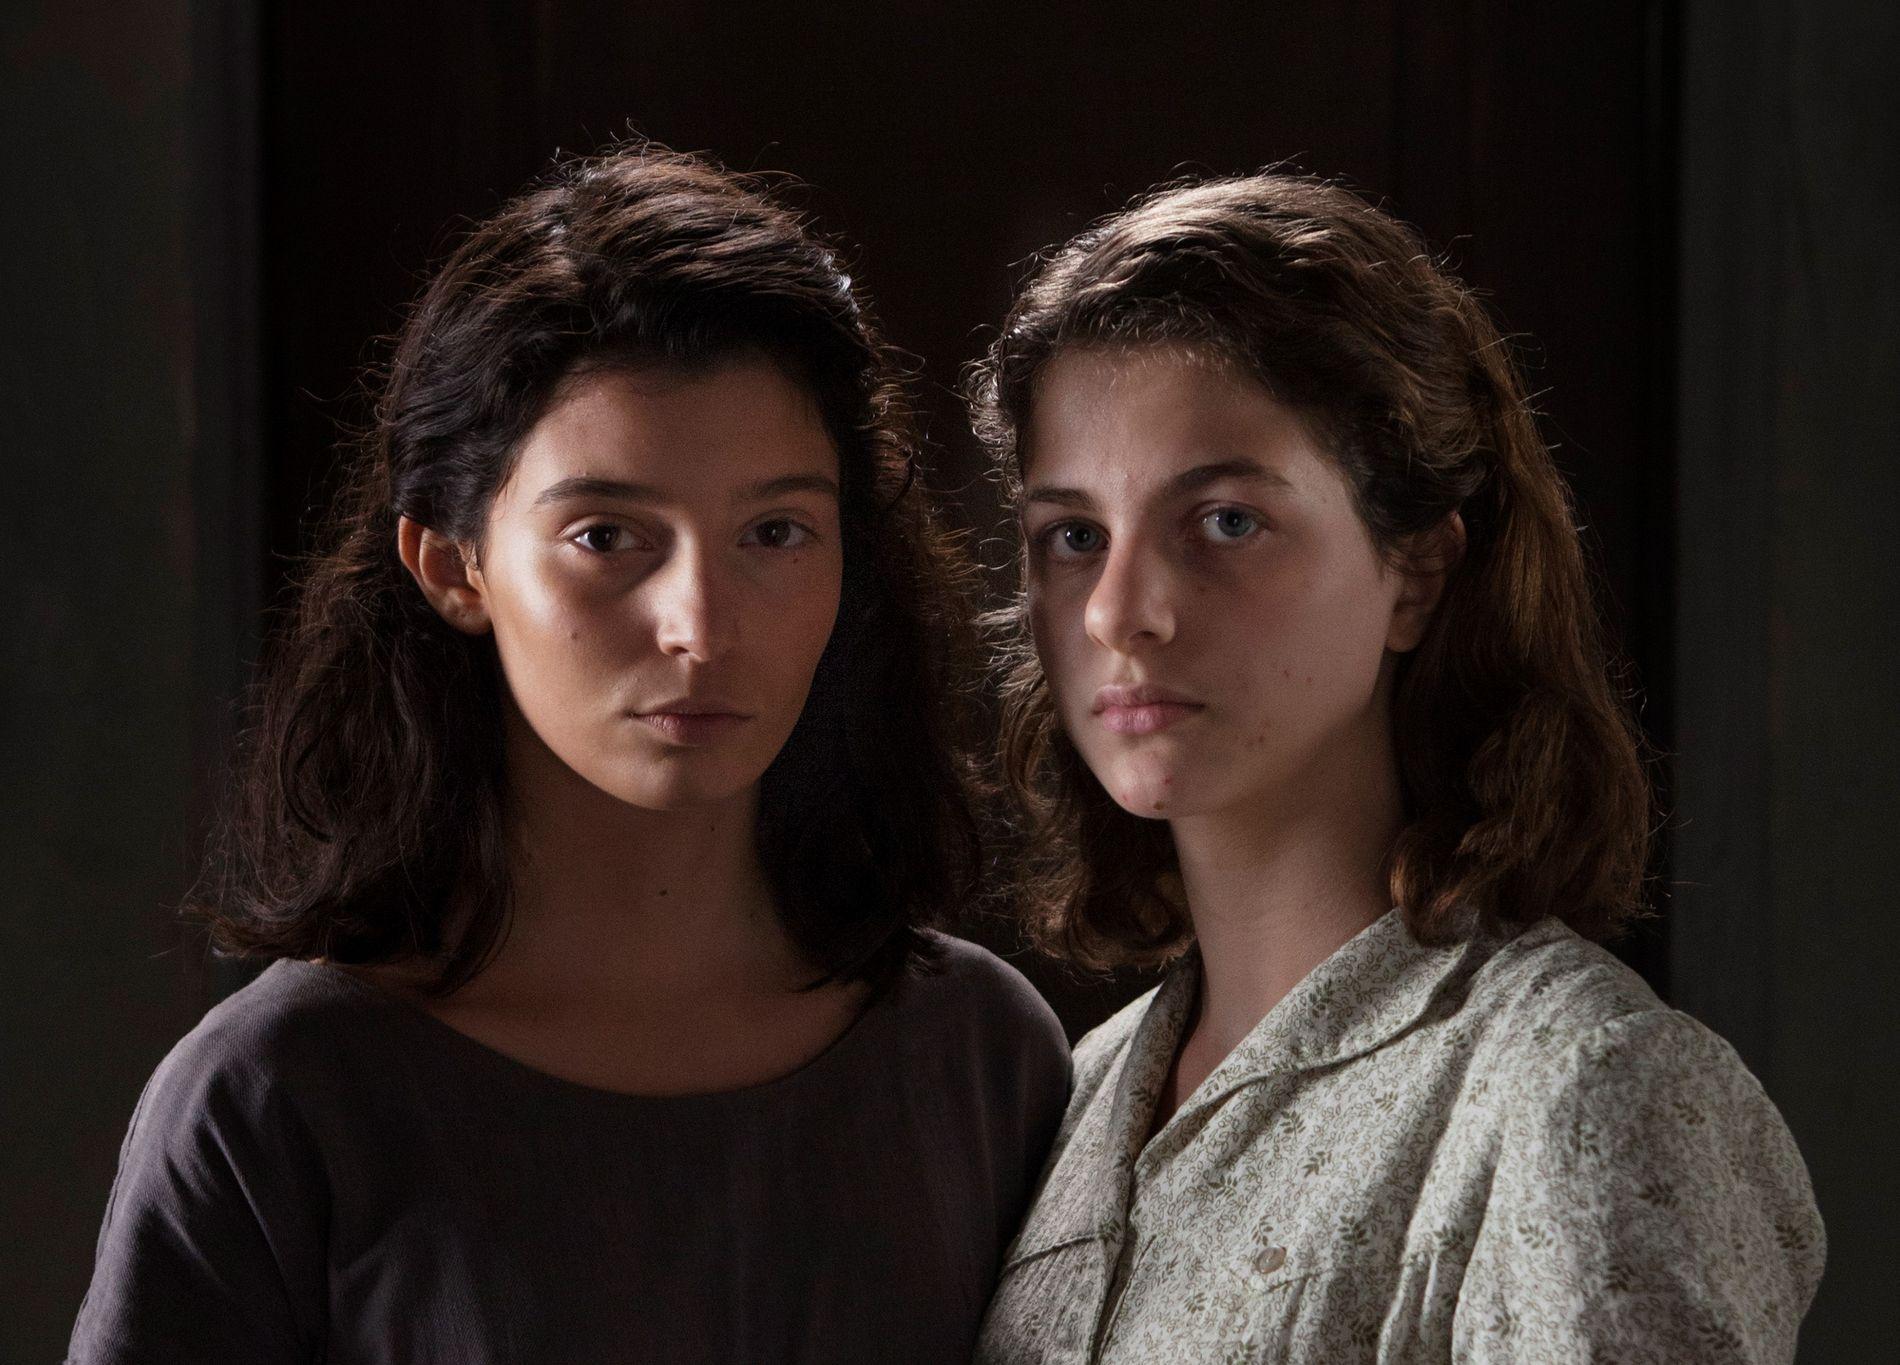 TENÅRINGER: Her er Gaia Girace (f.v), som spiller Lila, og Margherita Mazzucco som spiller Elena.Foto: HBO Nordic